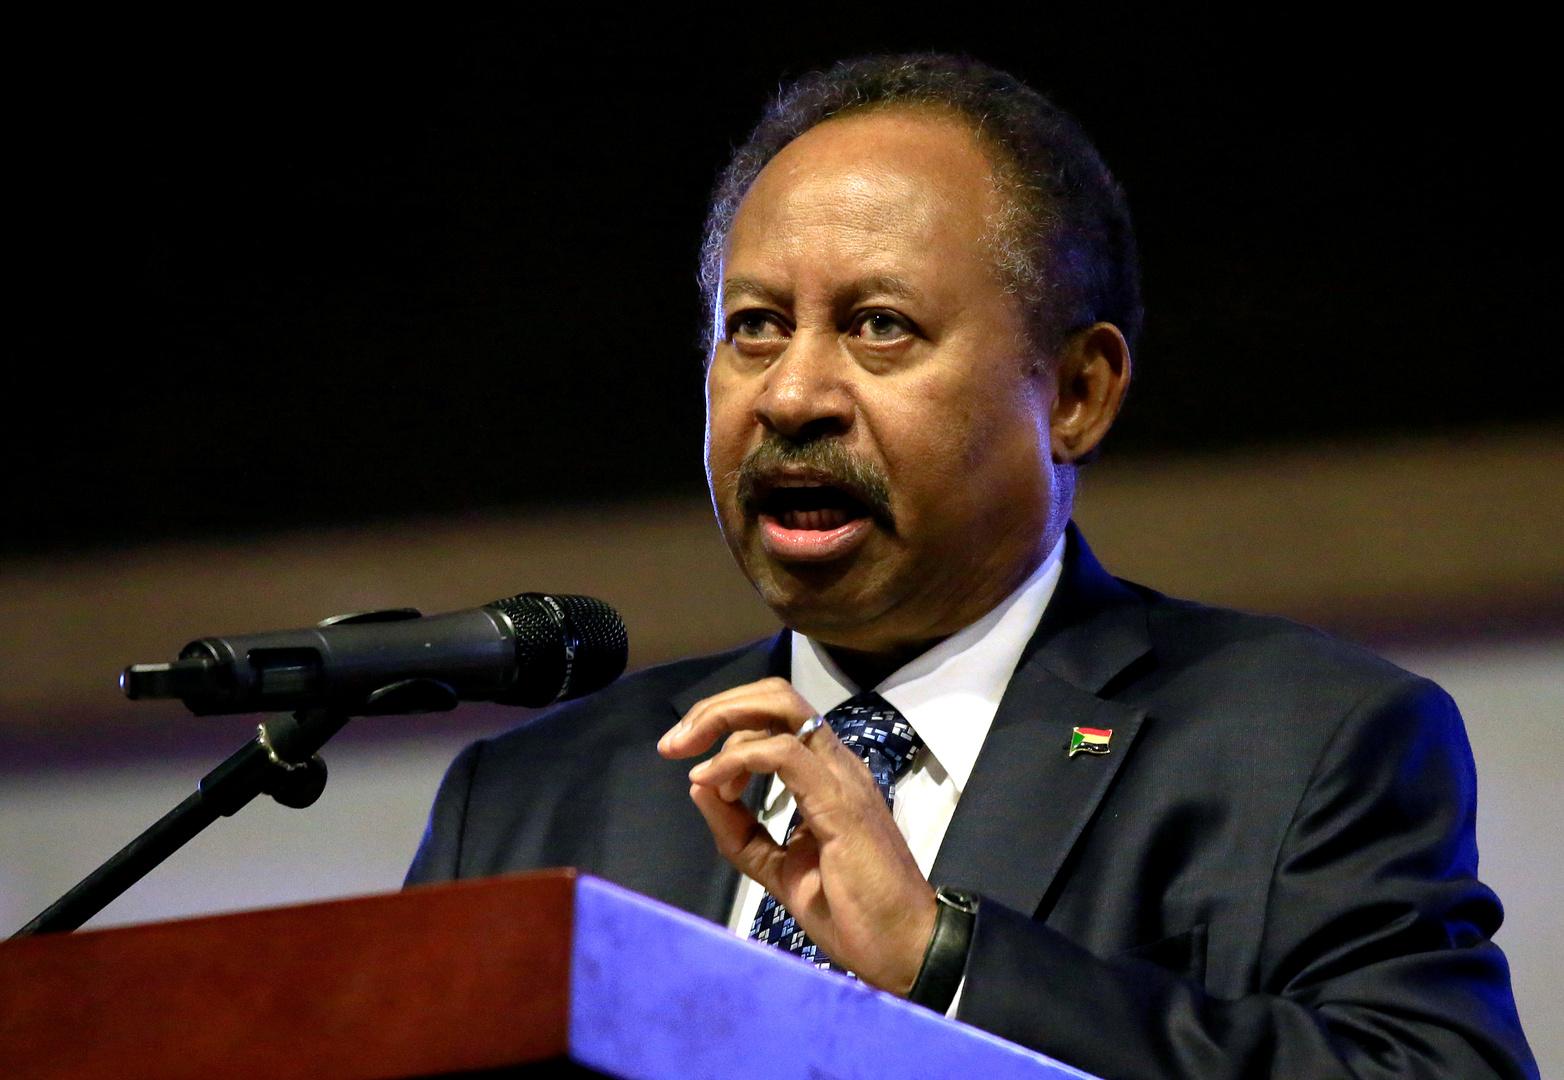 حمدوك: حكومة السودان المقبلة ستضم 25 إلى 26 وزيرا